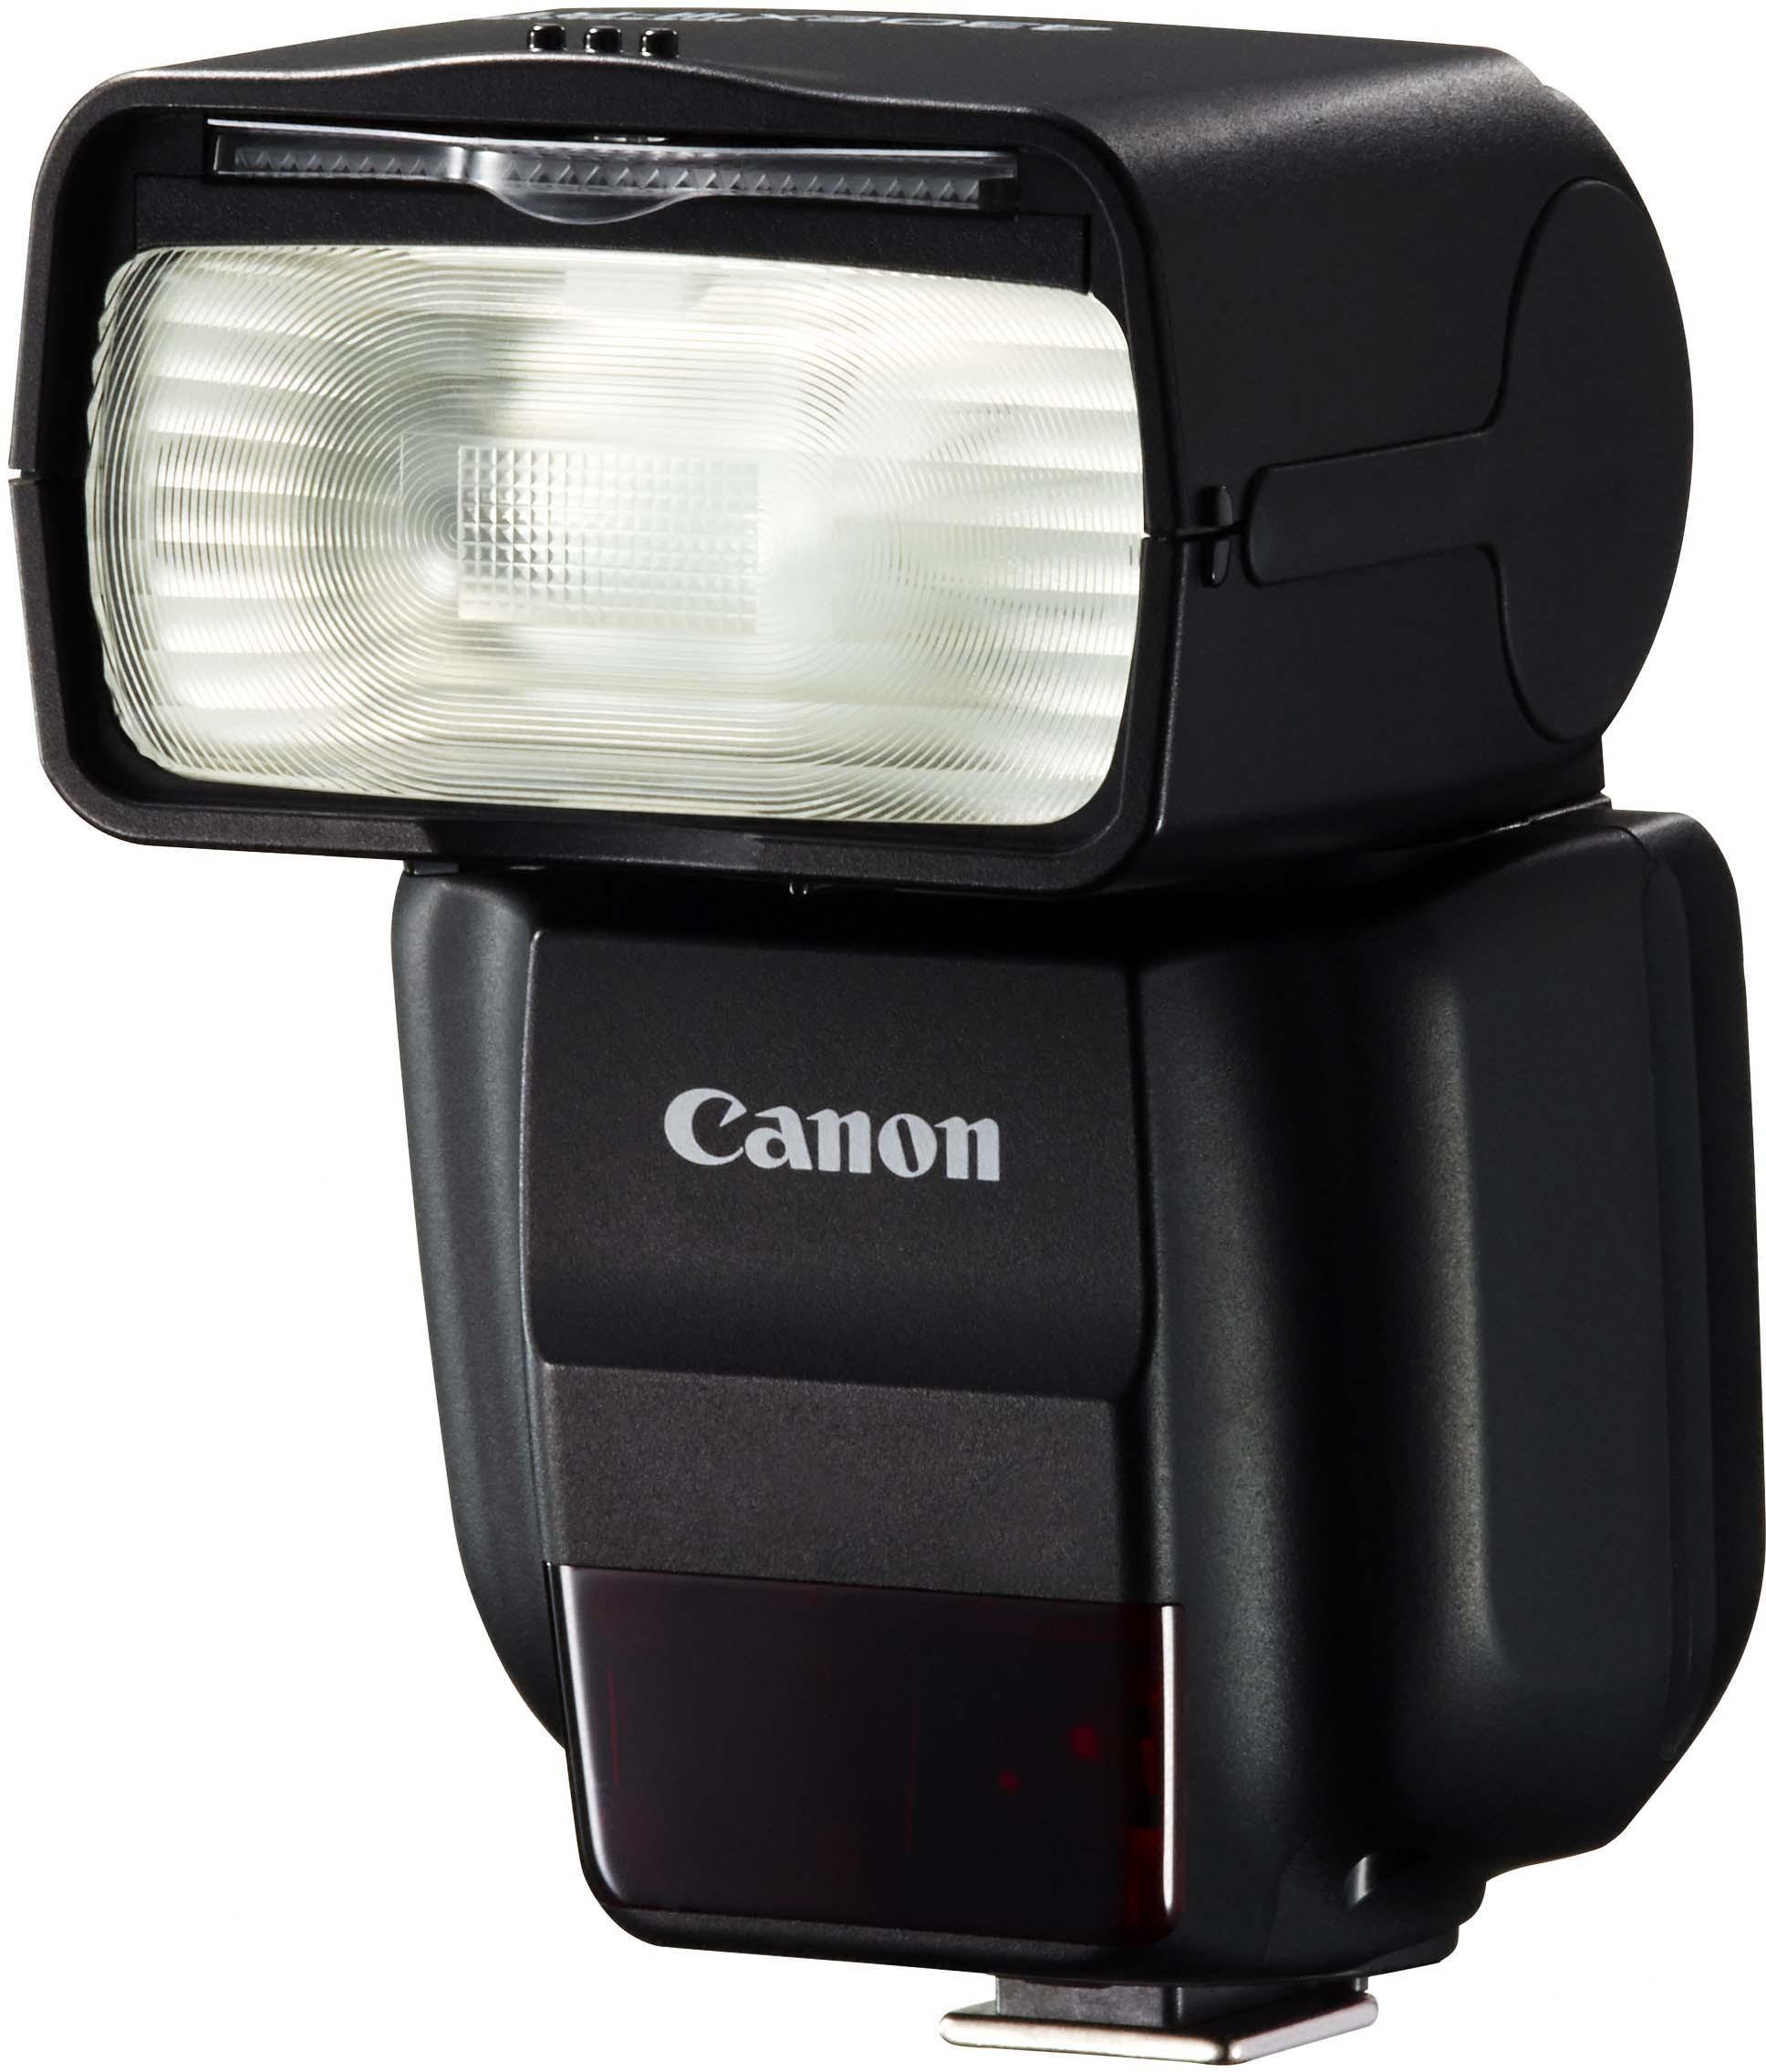 Canon välk Speedlite 430EX III-RT